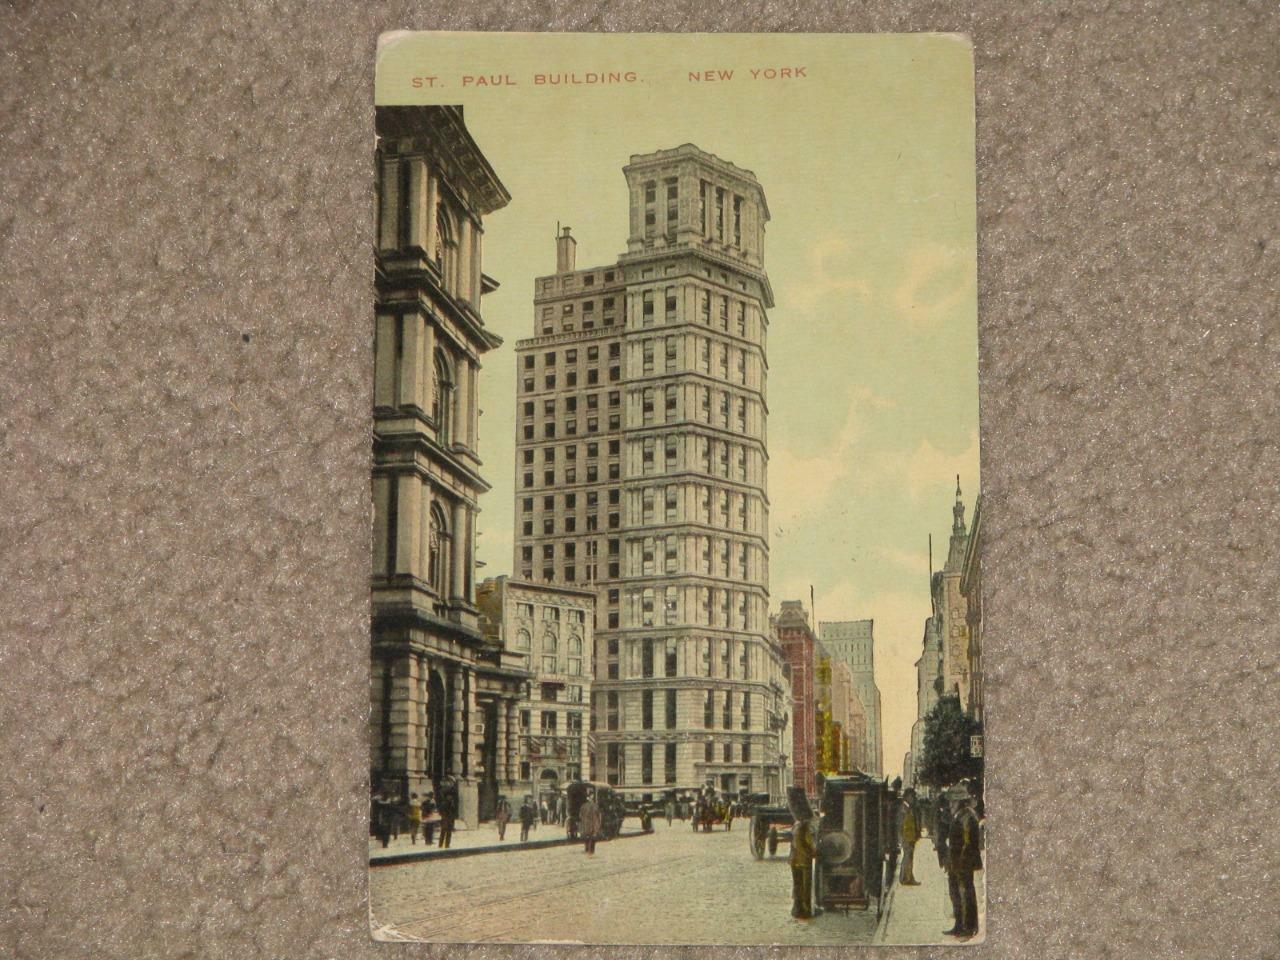 St. Paul Building, New York, N.Y. 1910, used vintage card